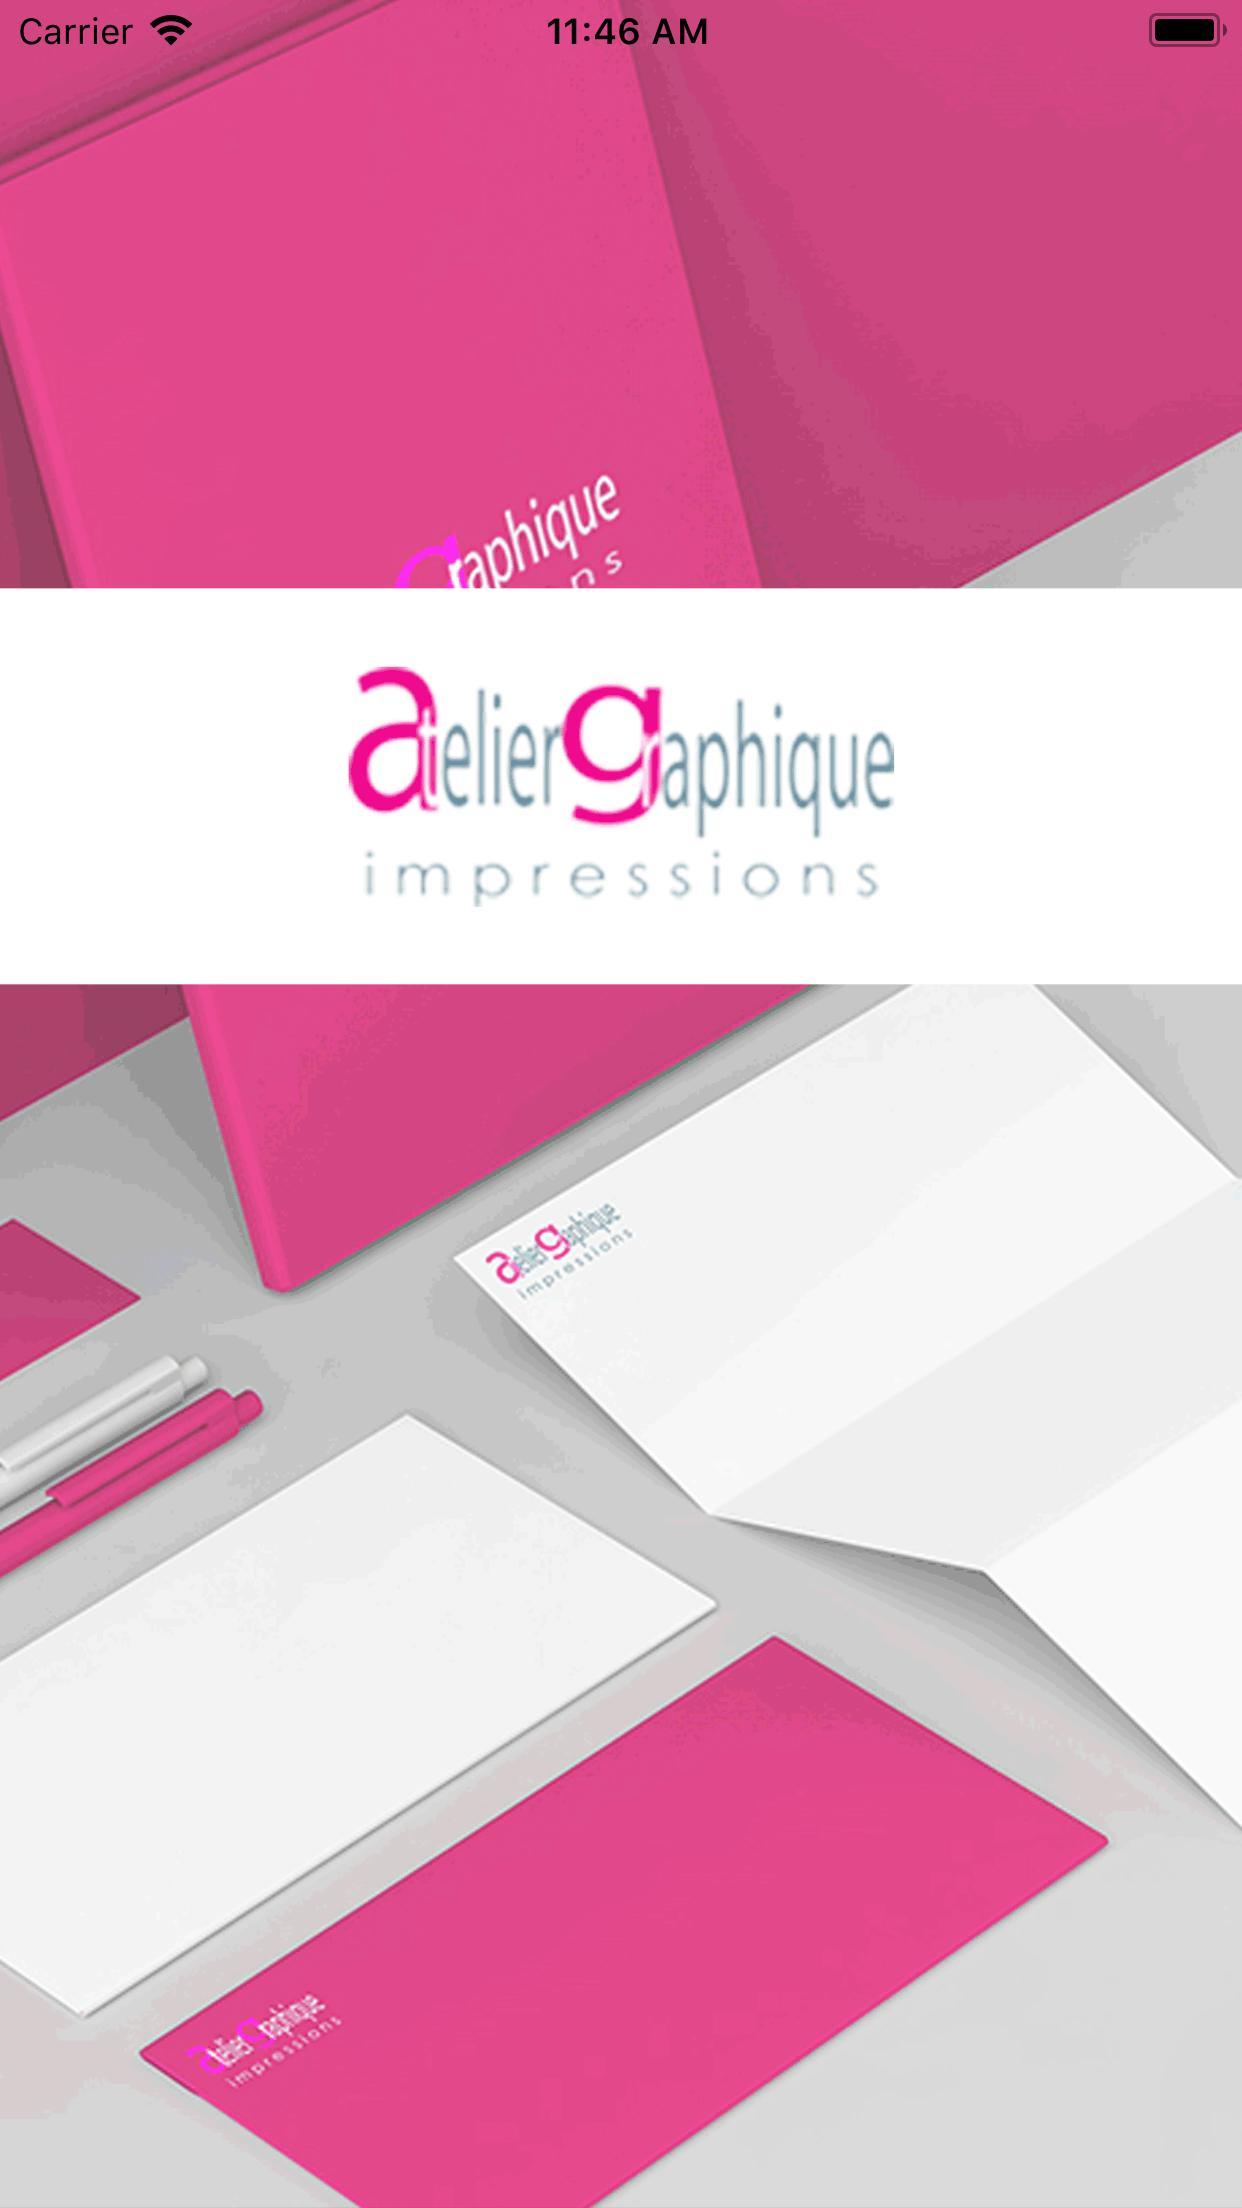 Atelier Graphique Impressions For Android - Apk Download intérieur Ateliers Graphiques Ps